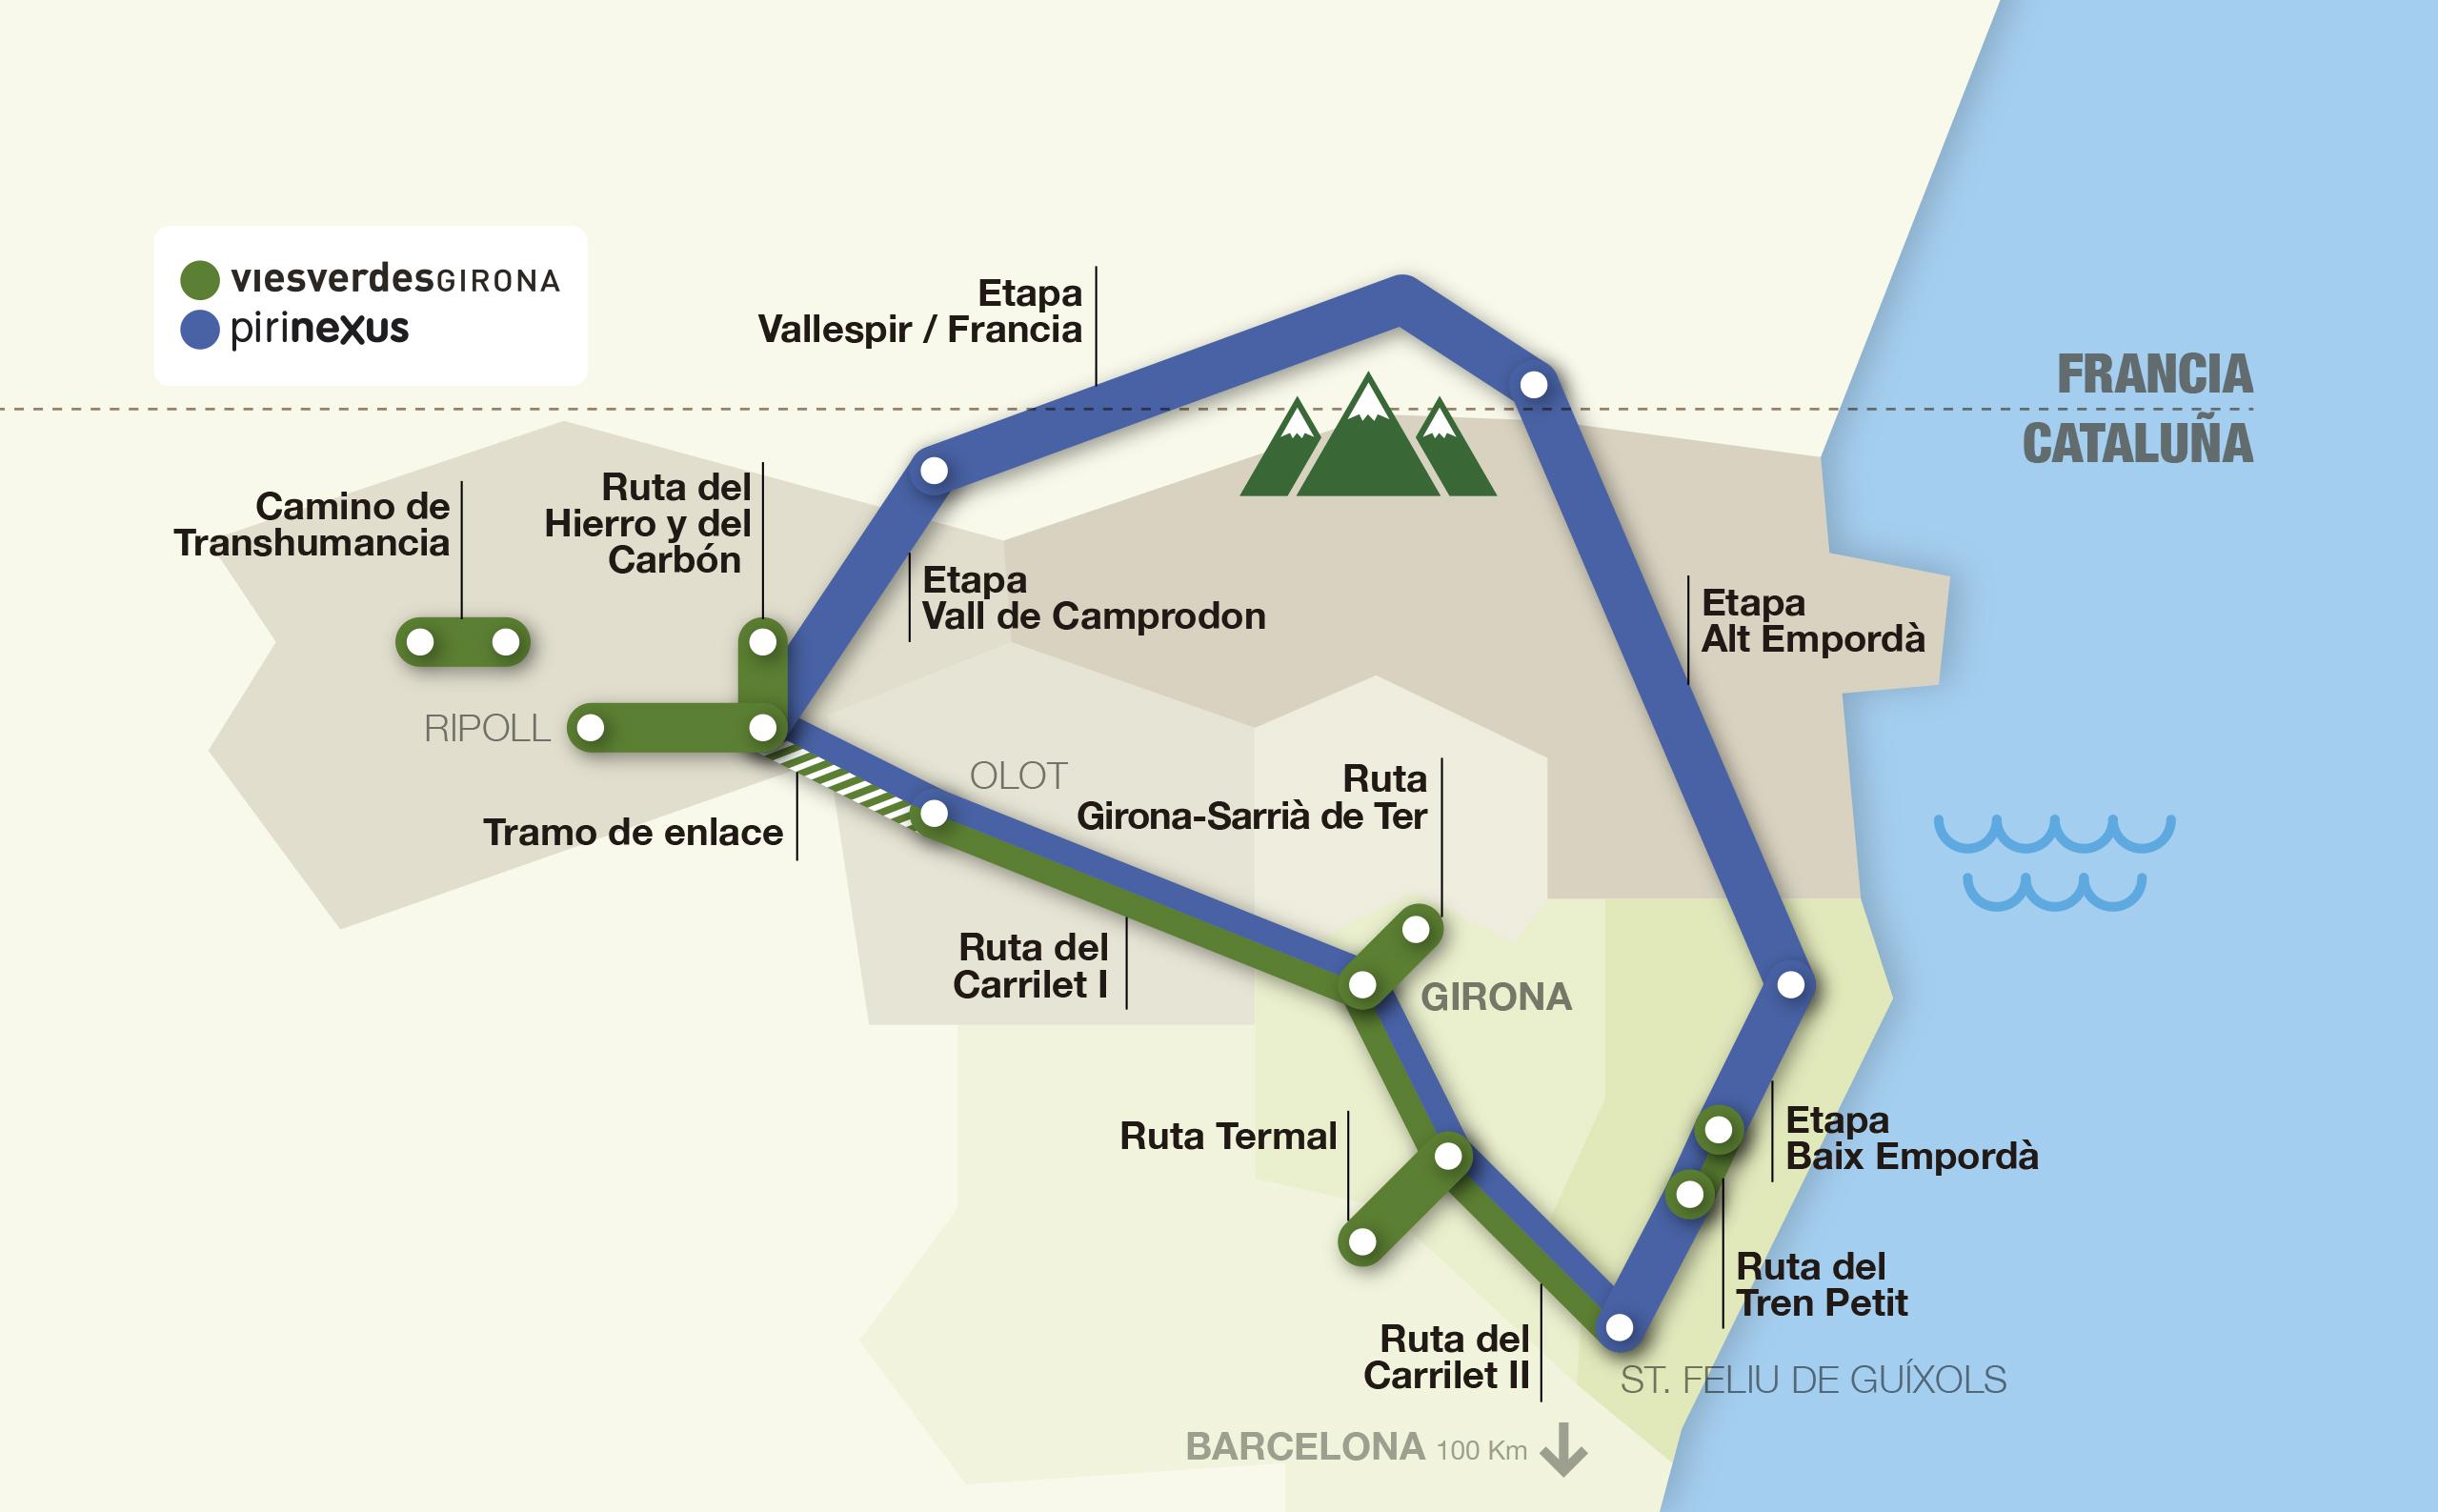 Mapa interactivo de las rutas vías verdes y pirinexus